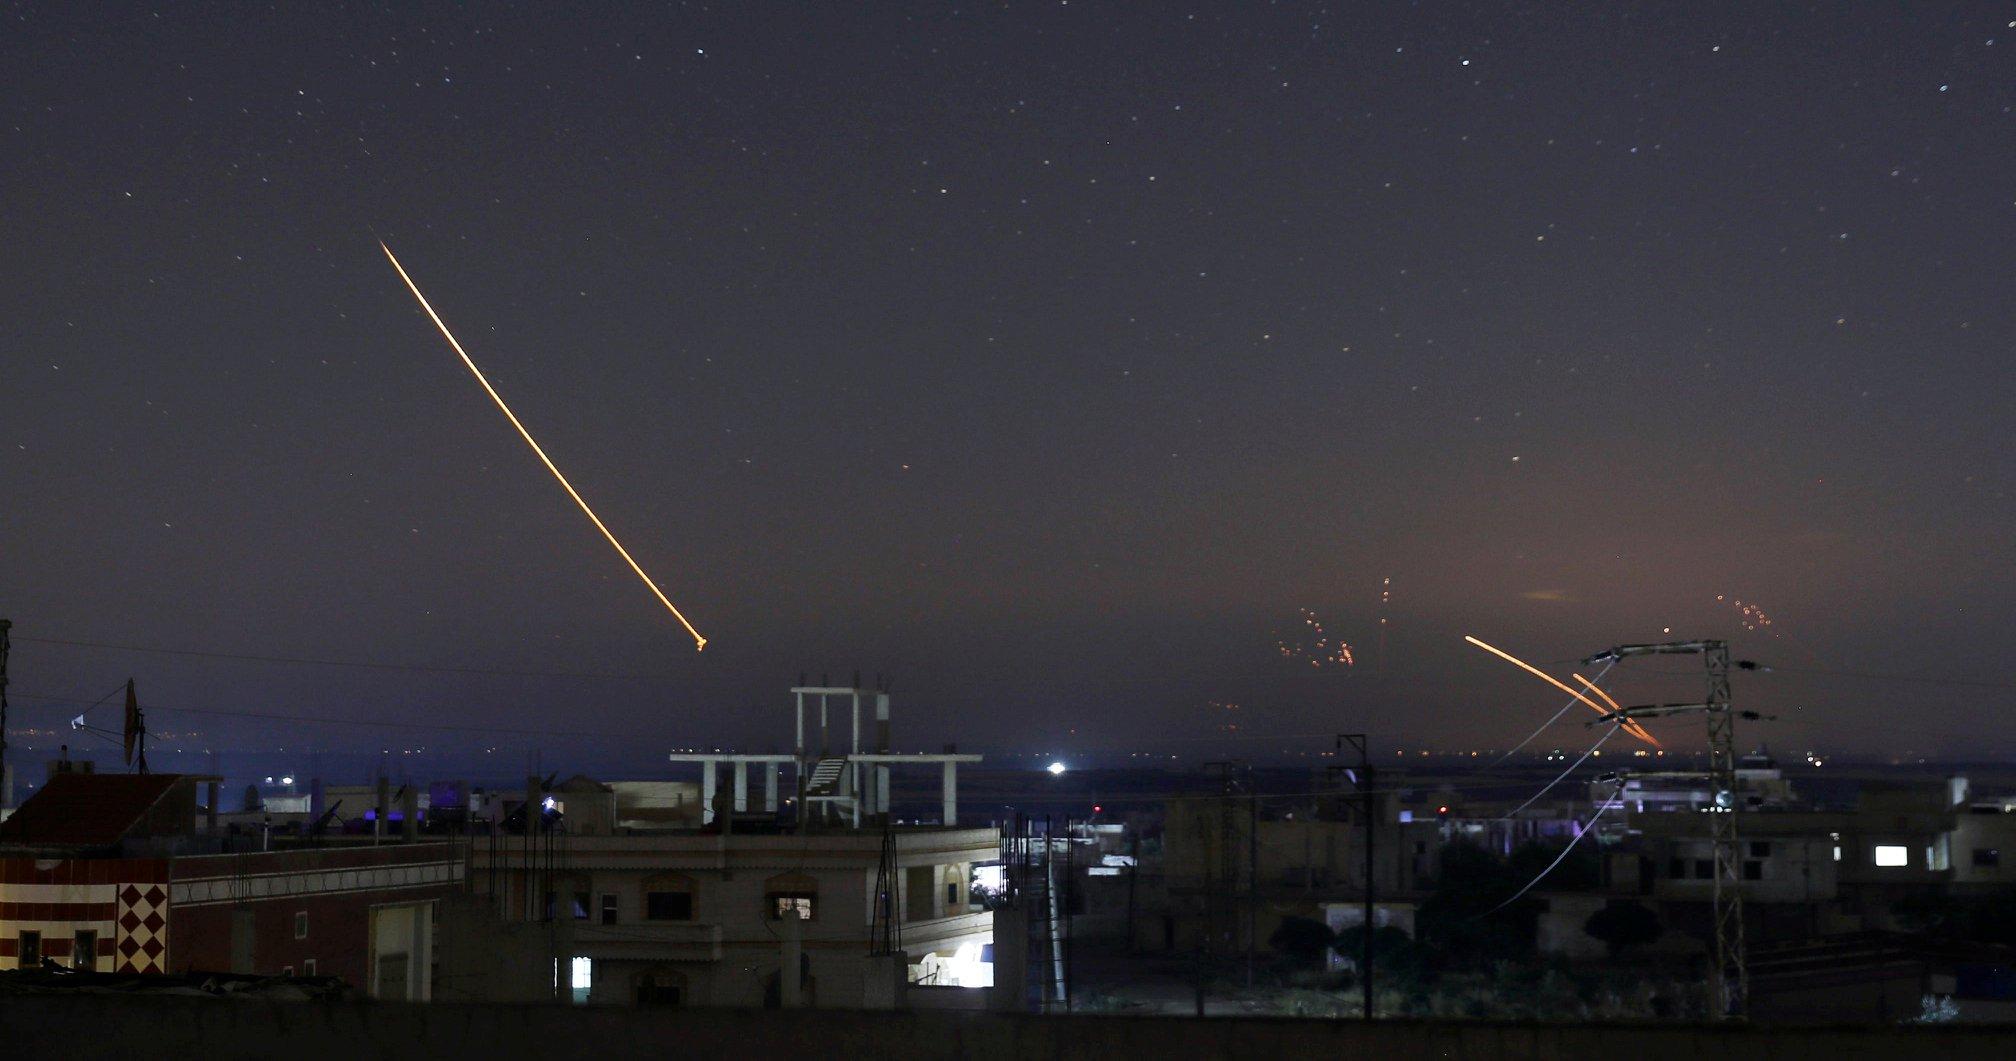 بالصور  ..  ايران تنفذ قصفاً مدفعيا تجاه اسرائيل من داخل الاراضي السورية و الطيران الاسرئيلي يرد بغارات جوية